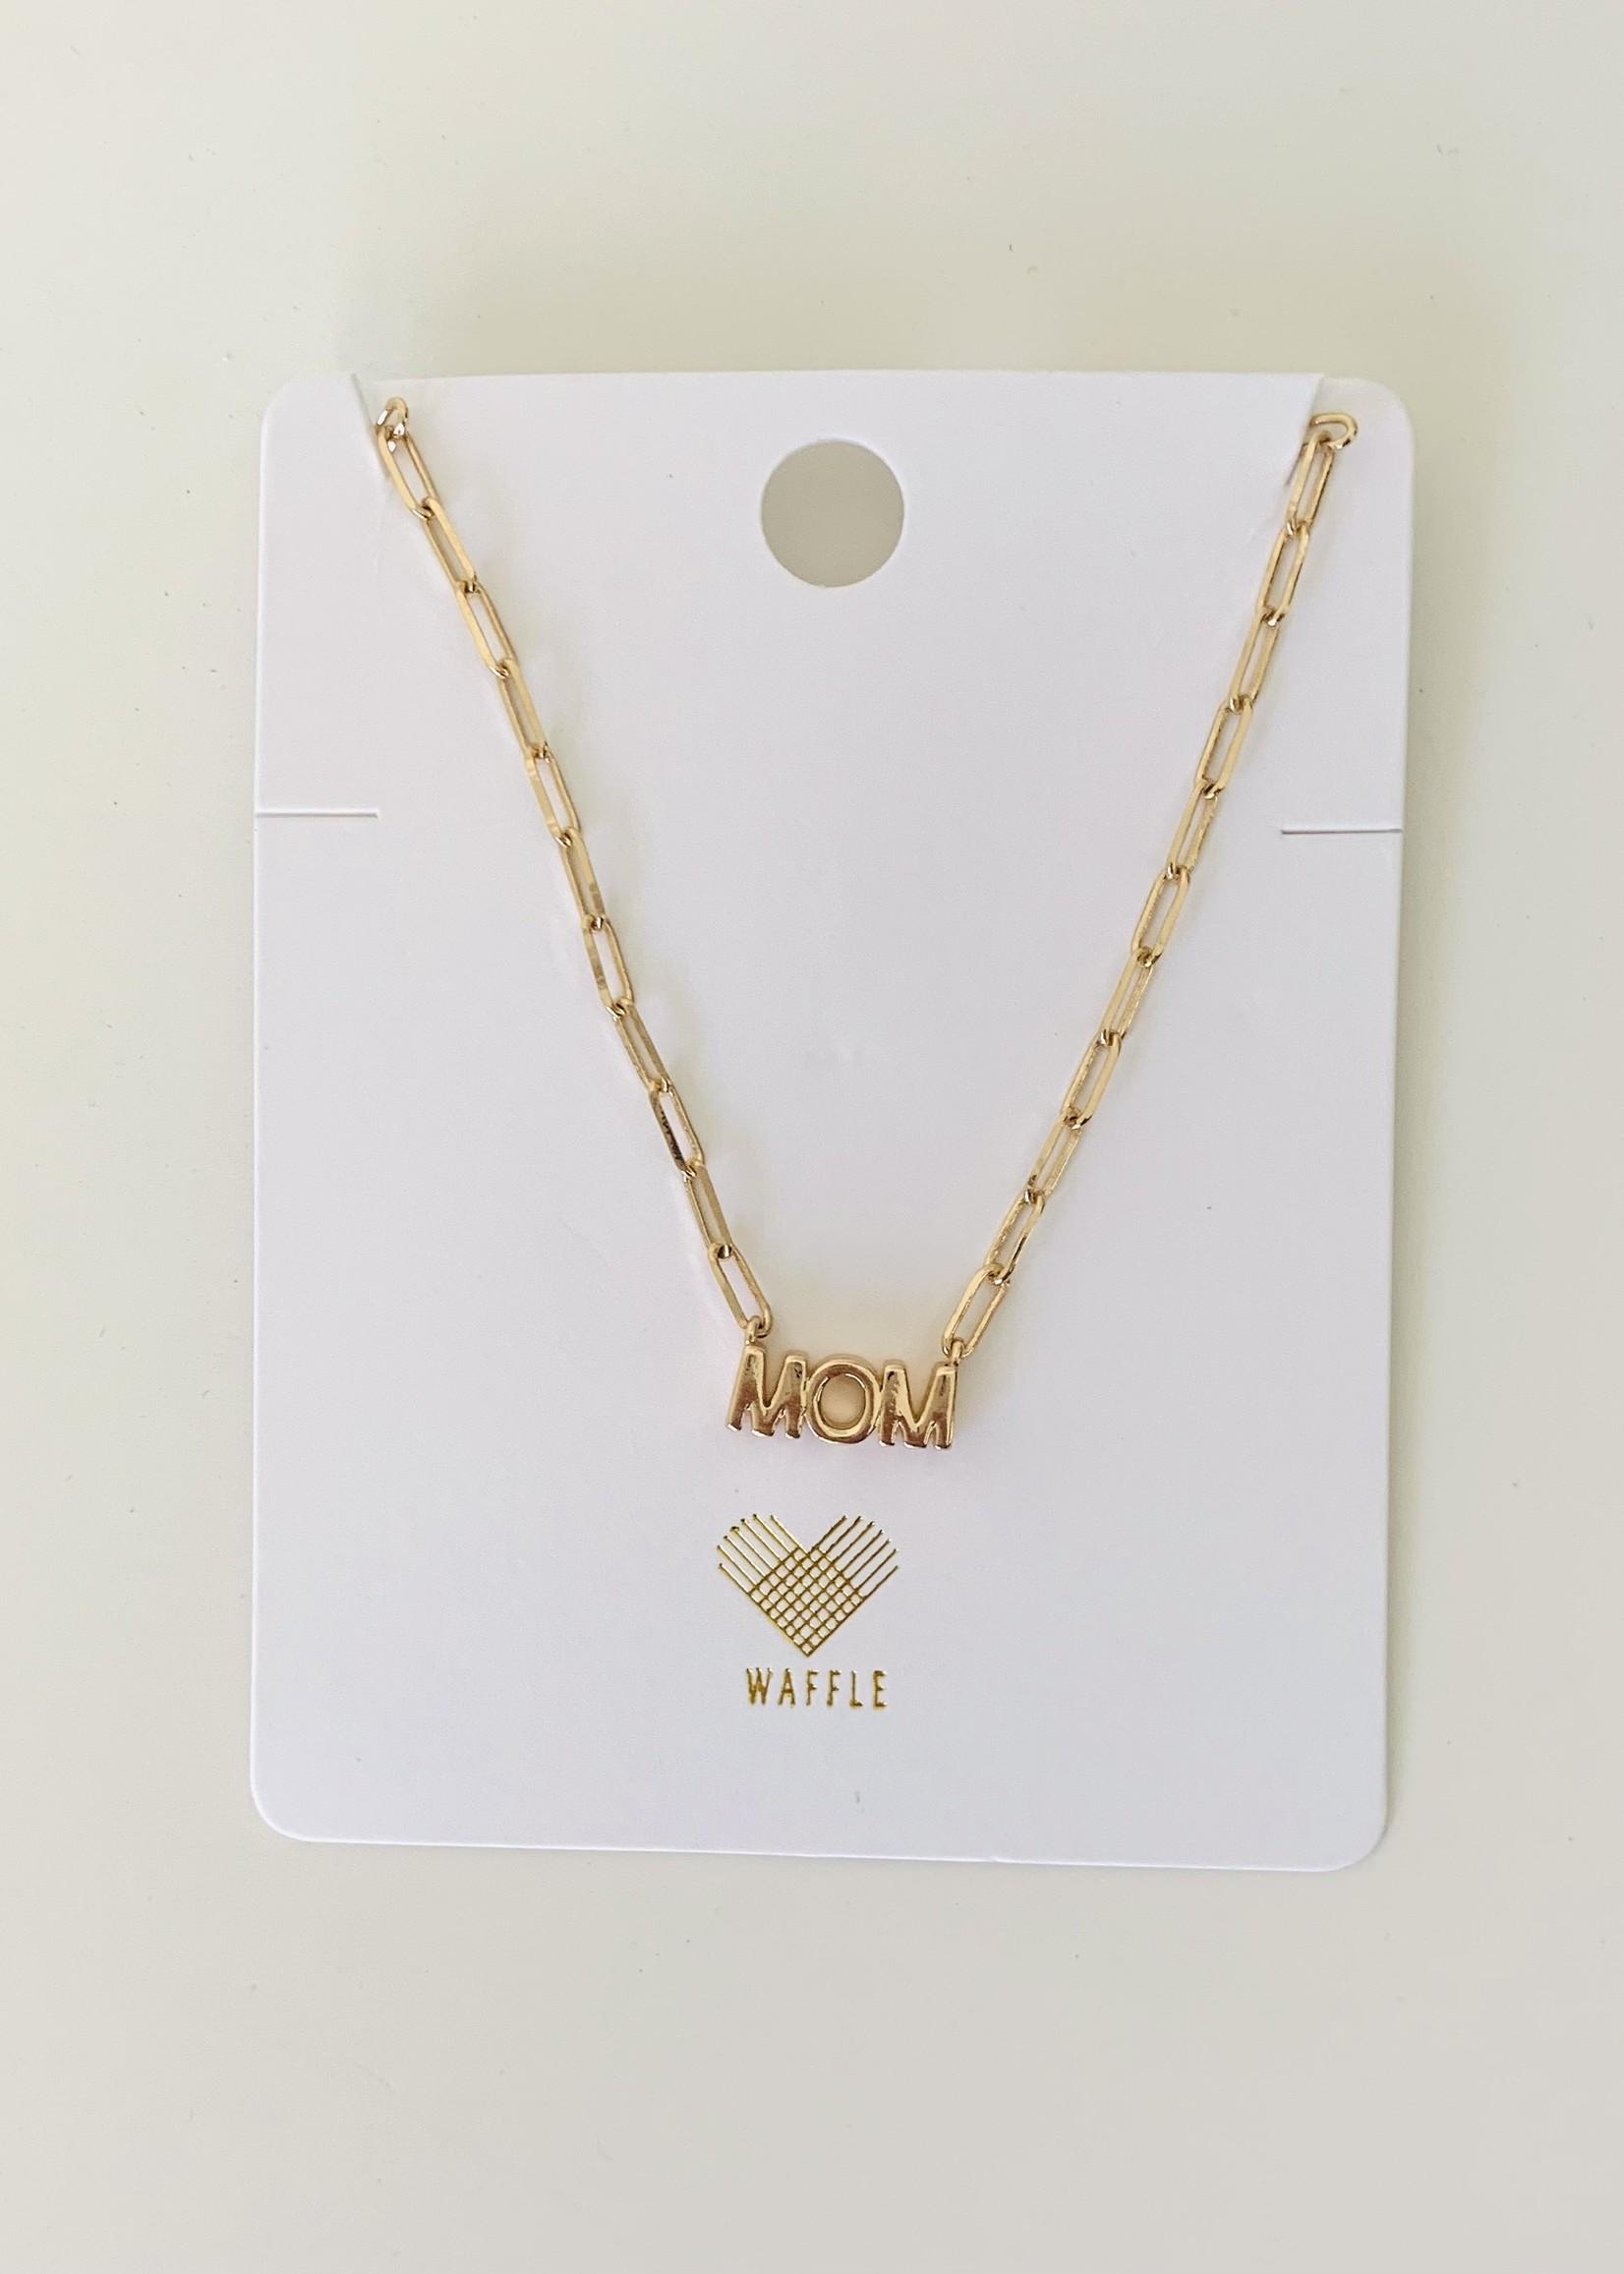 fame moms necklace